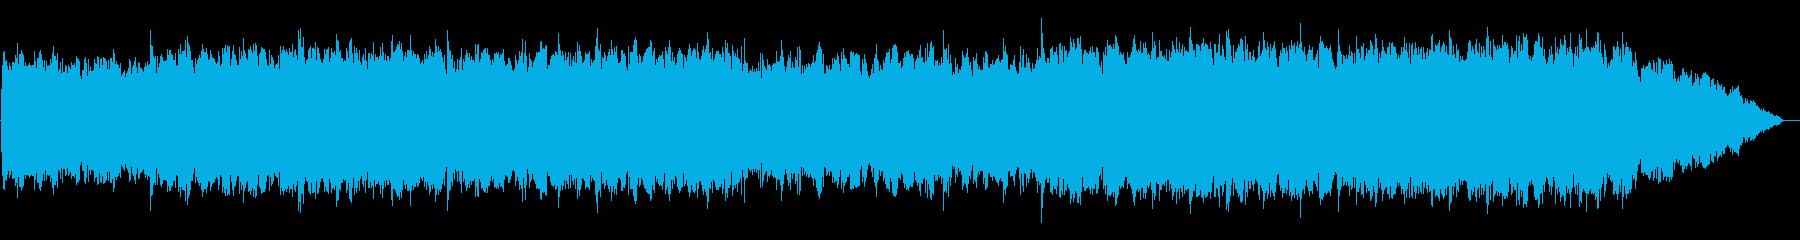 竹笛のメロディーの浮遊感のあるBGMの再生済みの波形